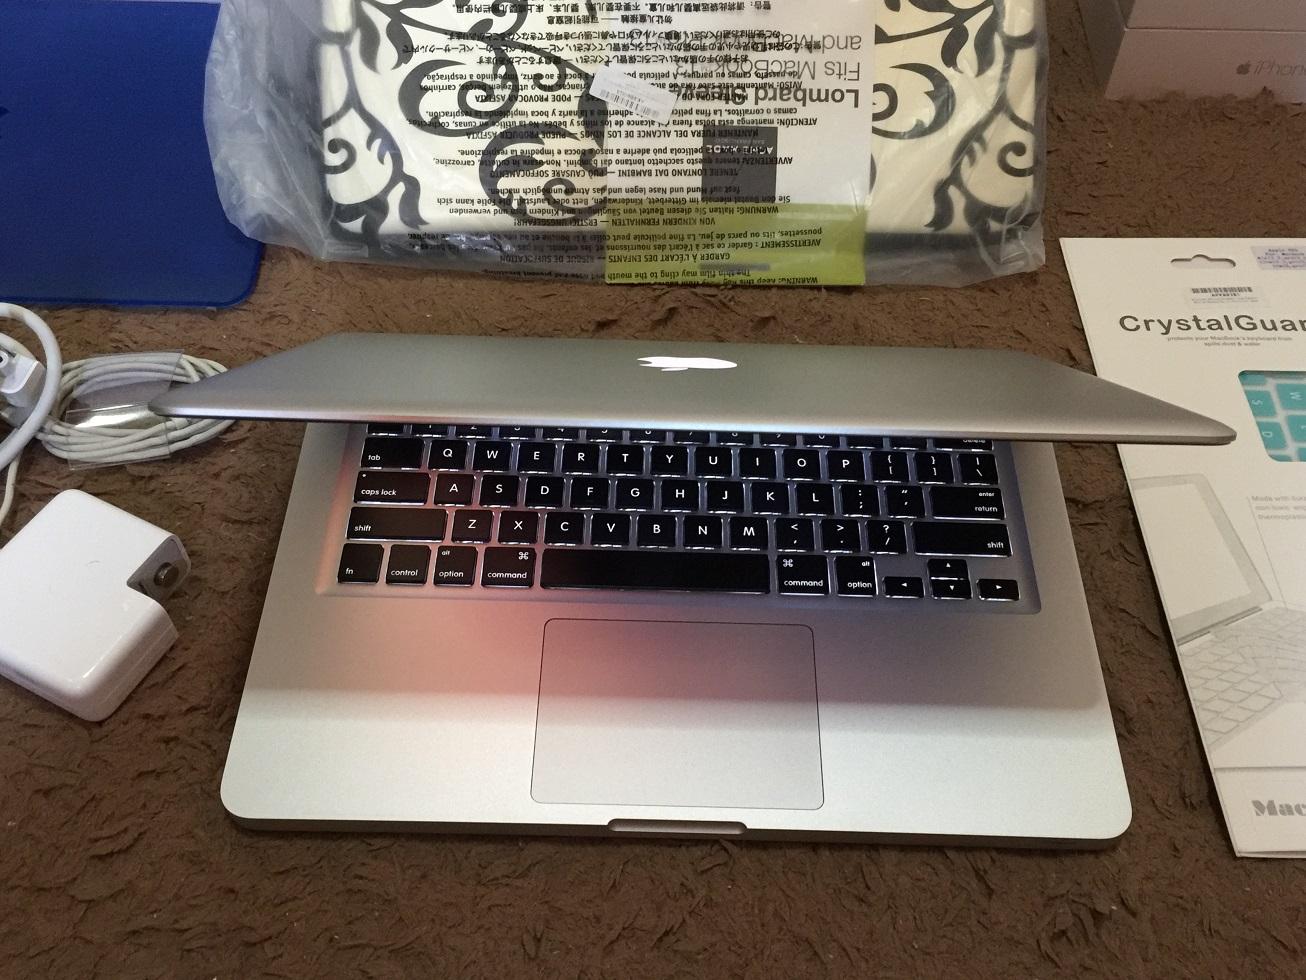 Jual Macbook Pro 13 MD102 2012 Quadcore I7 29